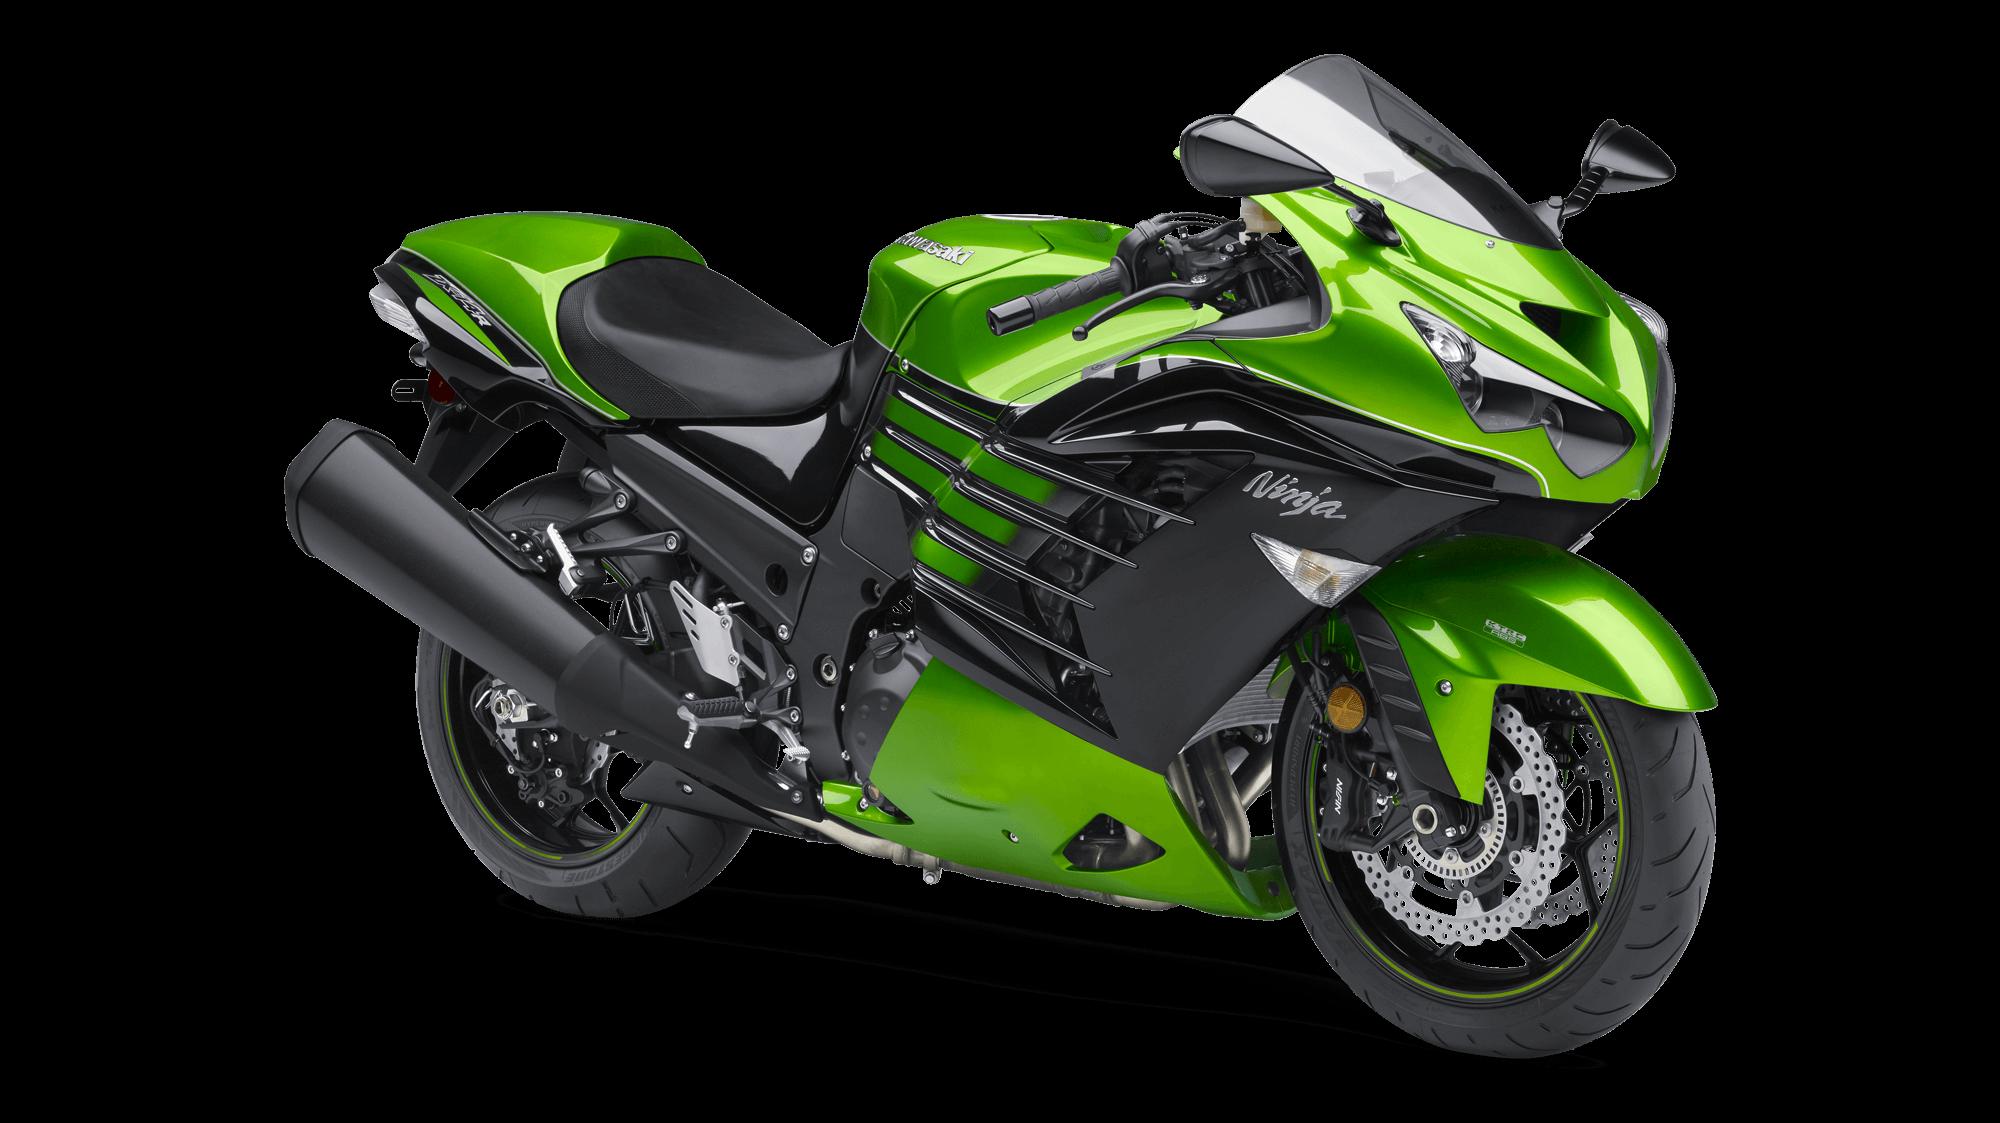 Kawasaki PNG - 98898